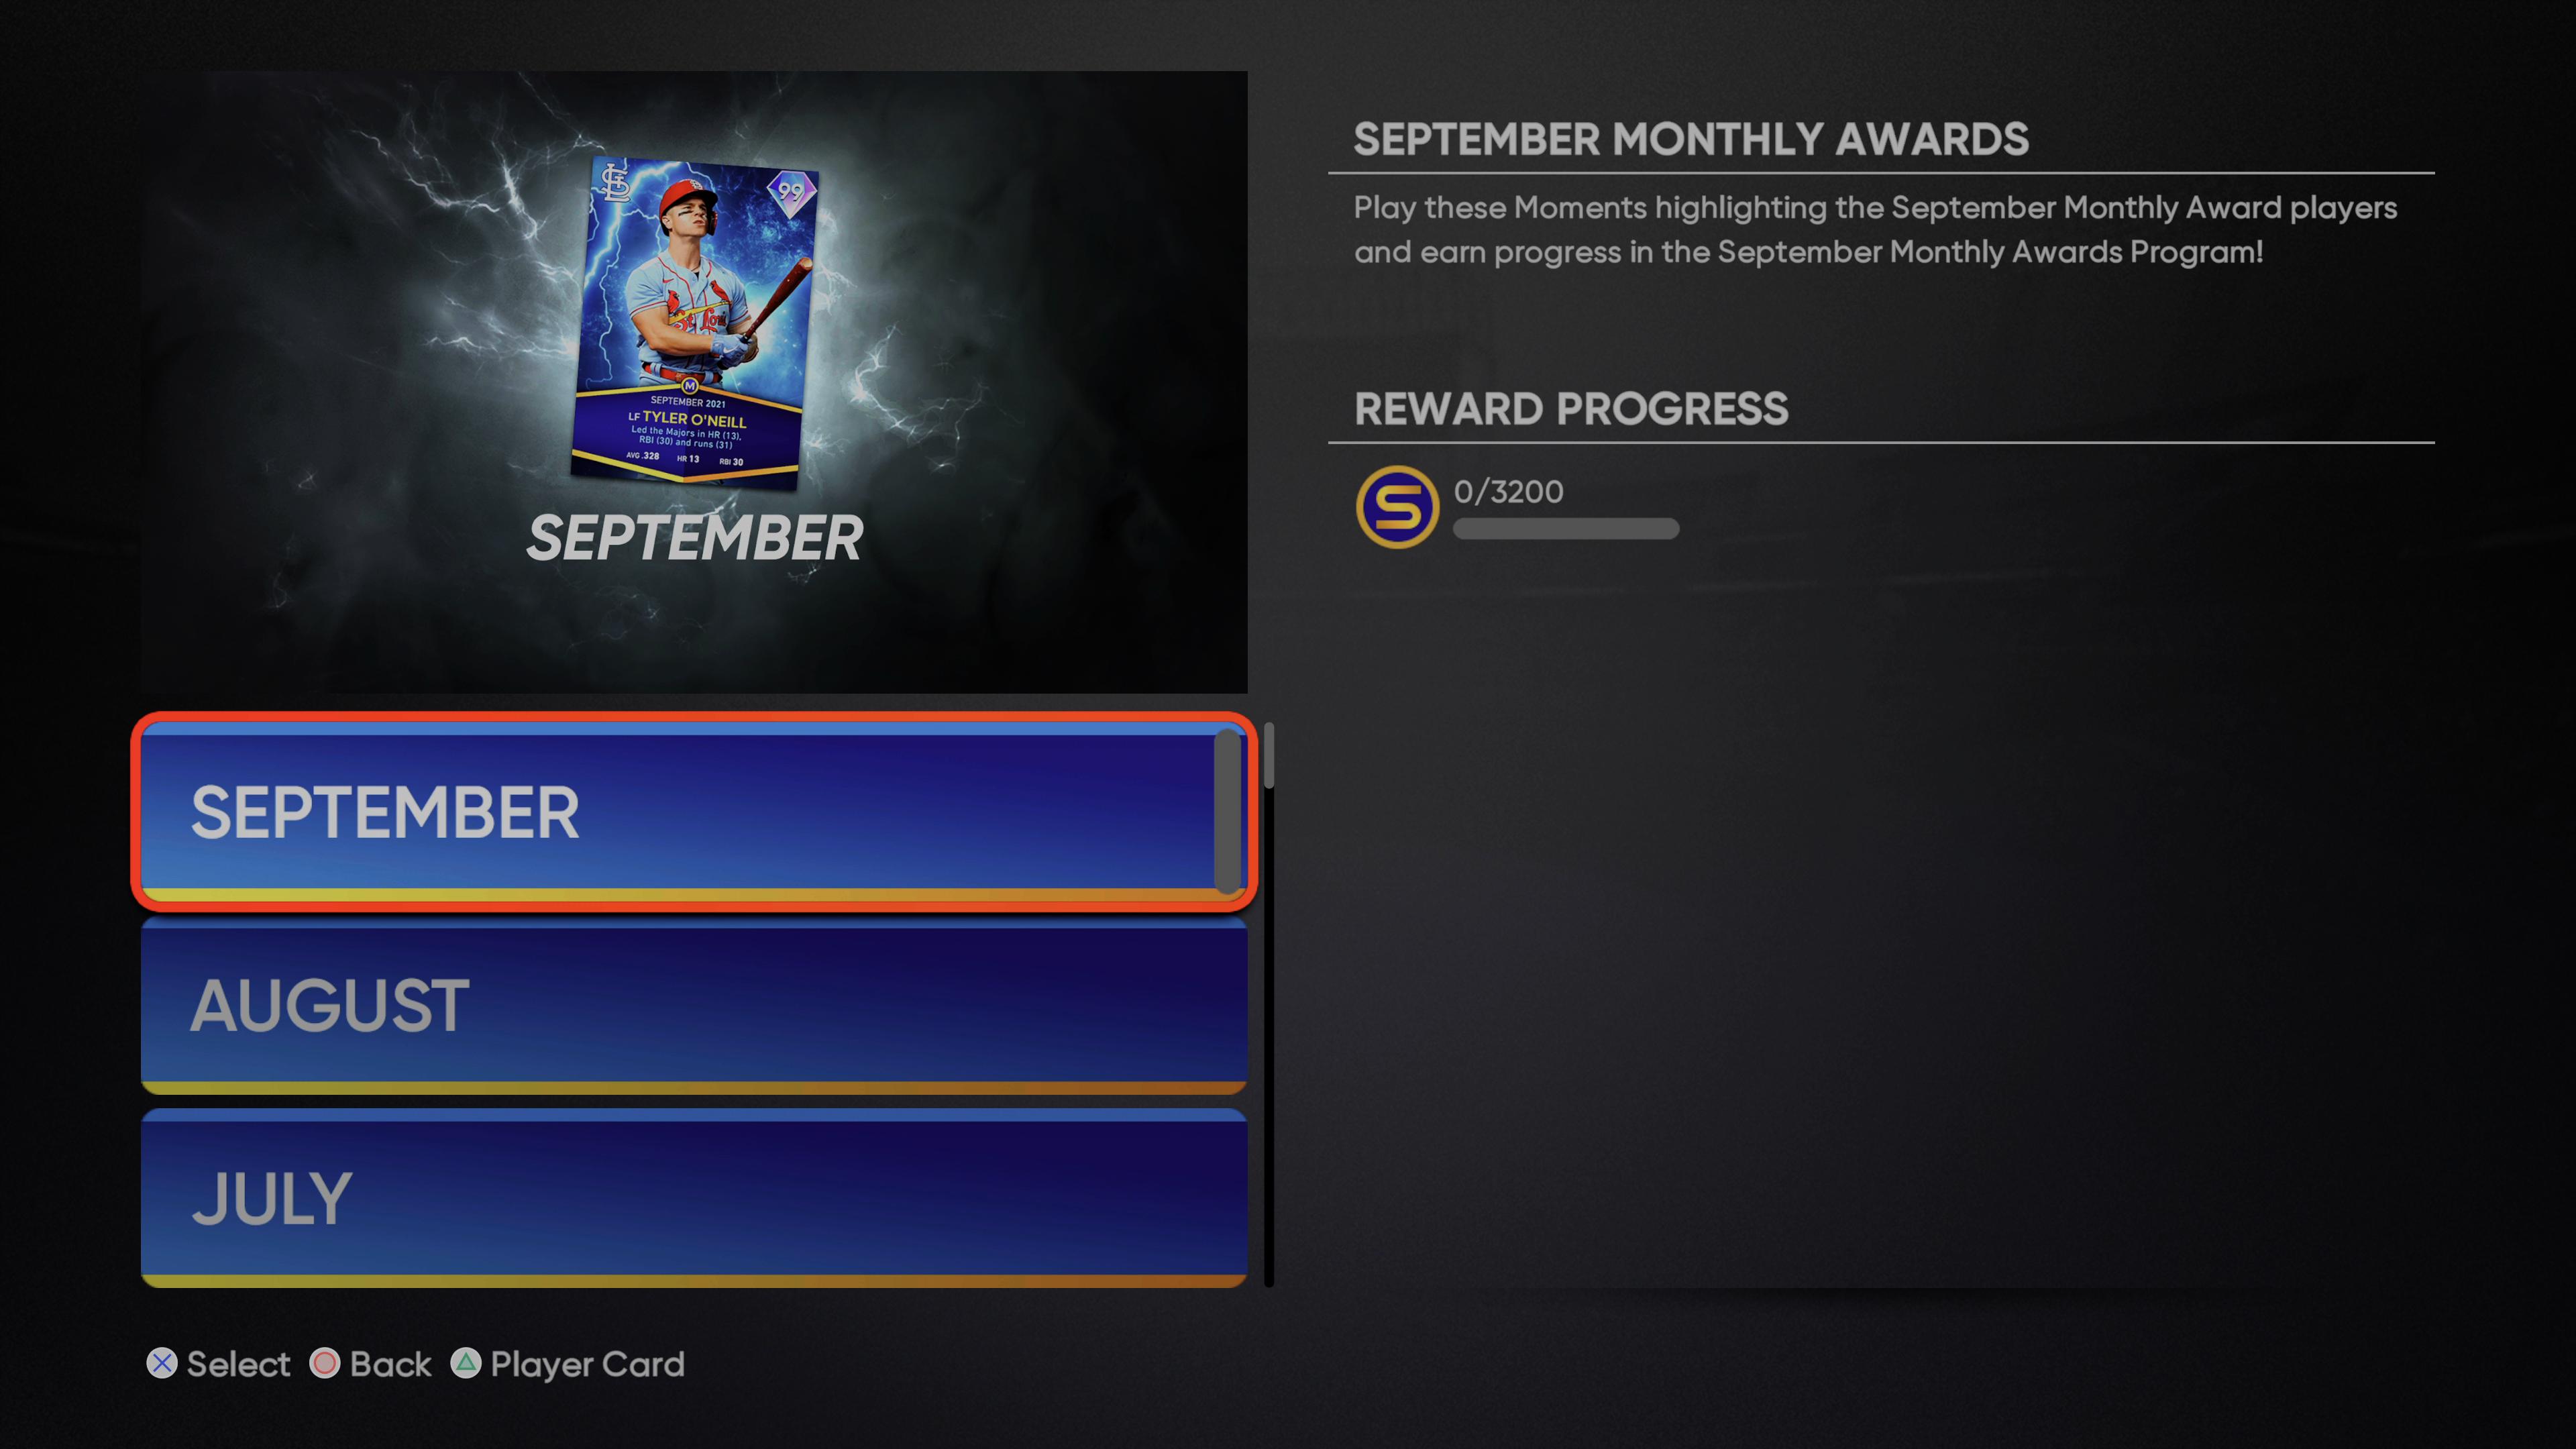 MLB The Show 21 - September Monthly Awards Program_2021-10-05_15-52-33